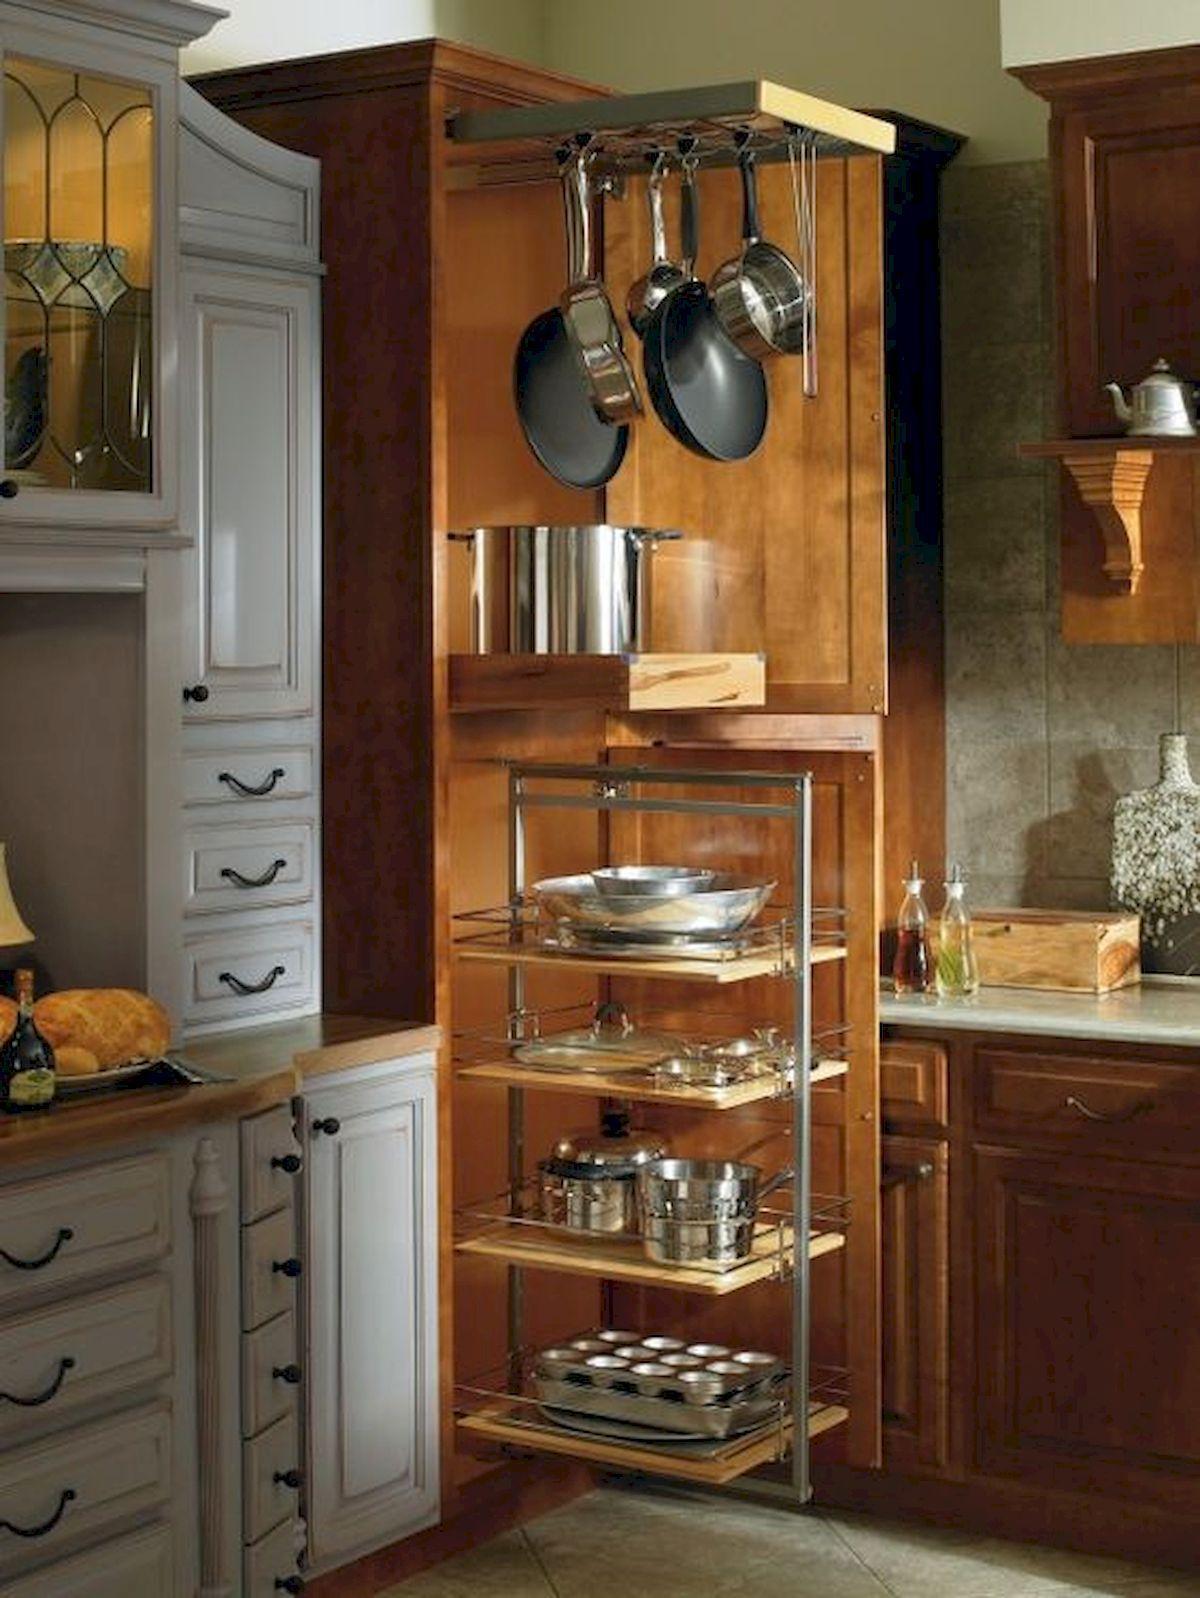 Kitchen Cabinet Accessories Diy Kitchen Cabinets Thomasville Cabinetry Kitchen In 2020 Diy Kitchen Cabinets Kitchen Cabinet Accessories Tall Kitchen Cabinets